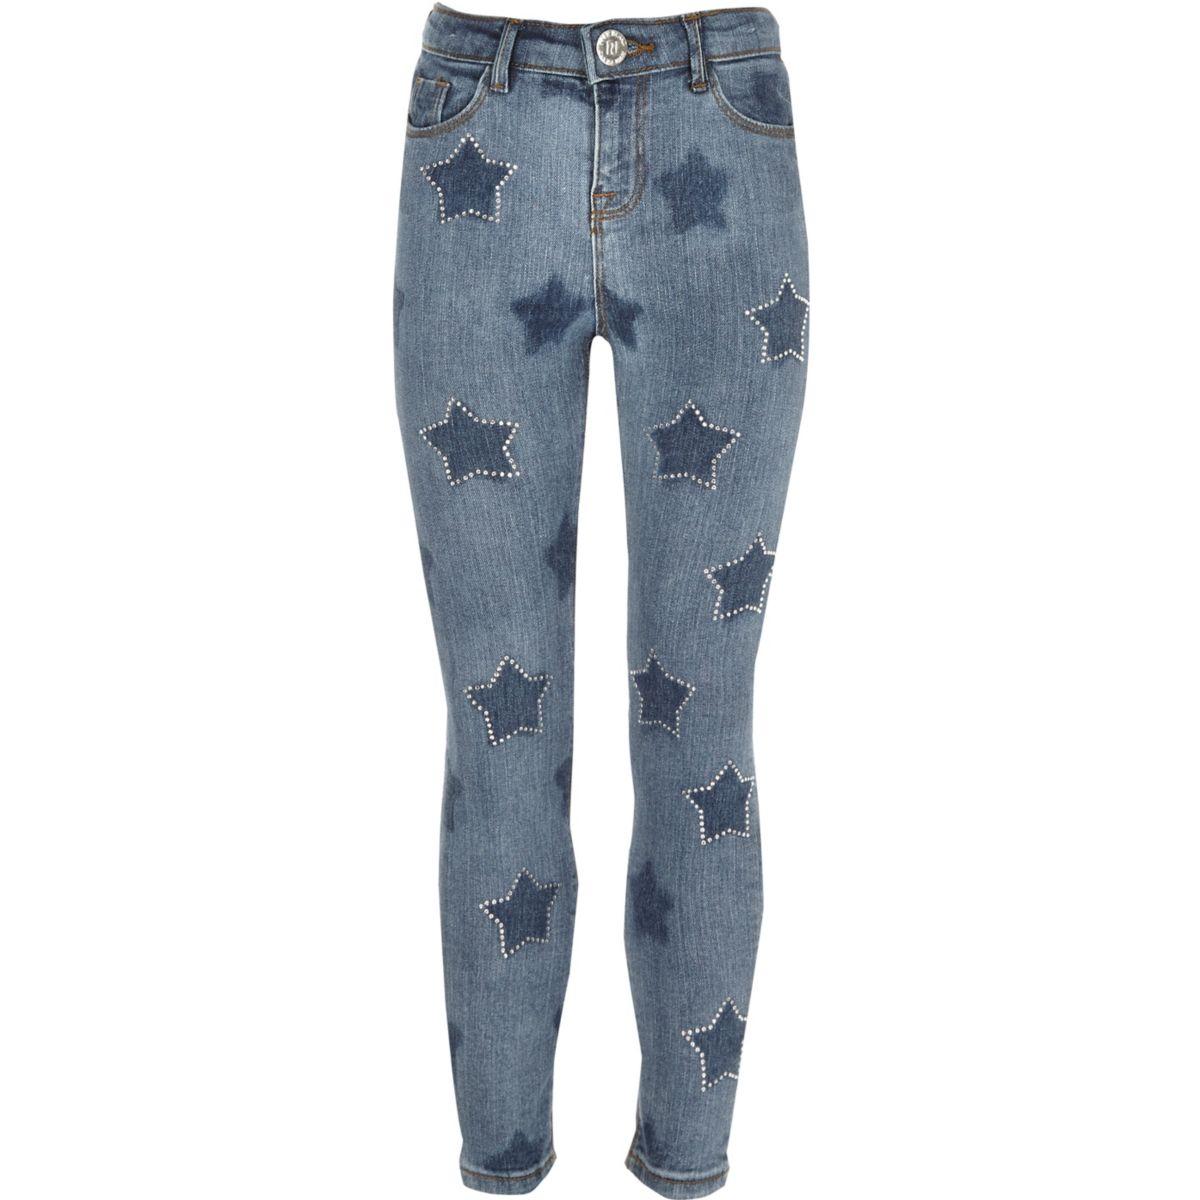 Amelie – Blaue Skinny Jeans mit Stern